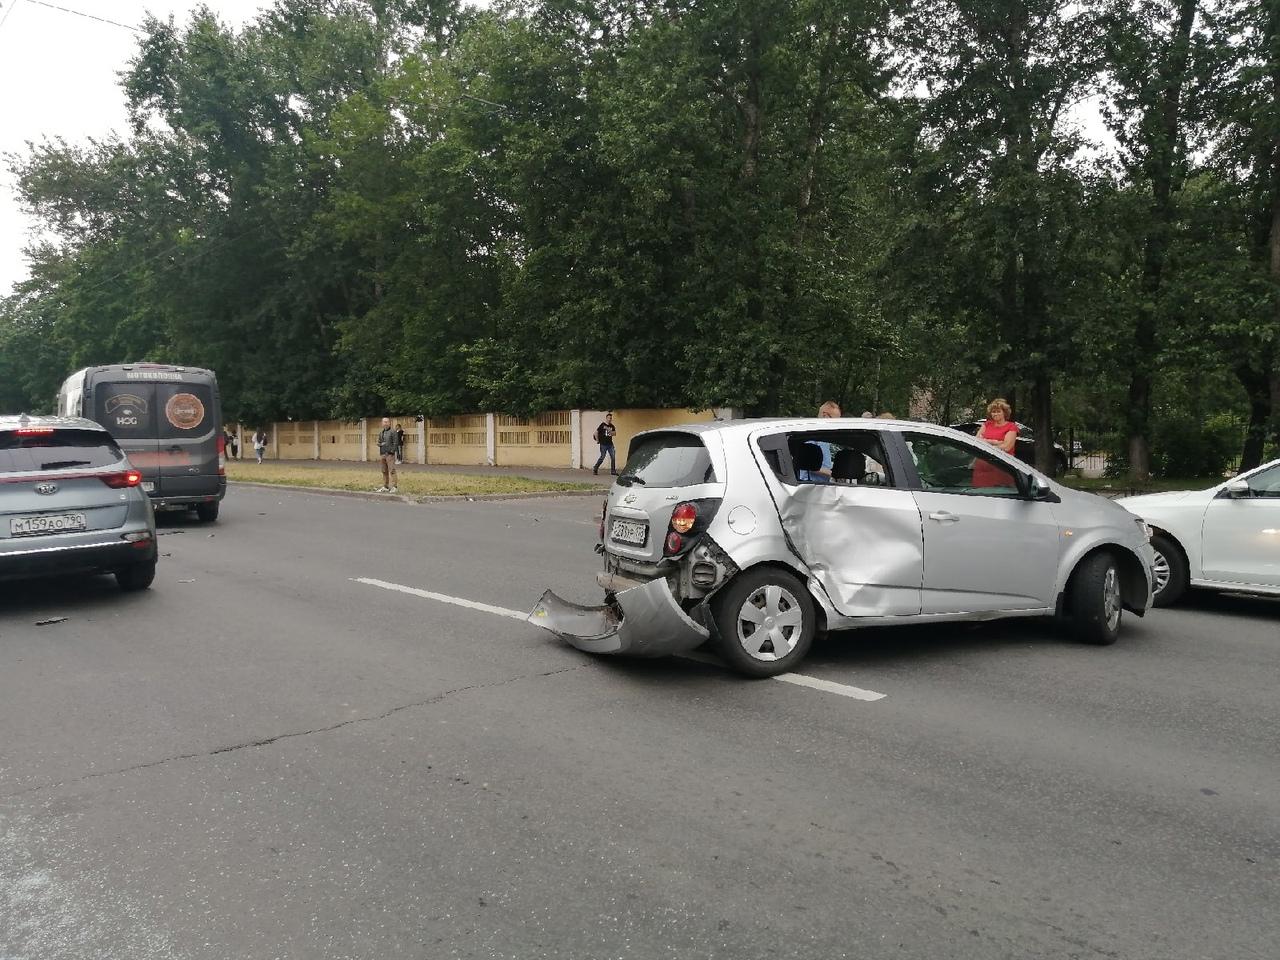 ДТП на Мечникова в 15:20 парализовало общественный транспорт. Повреждены припаркованные автомобили. ...